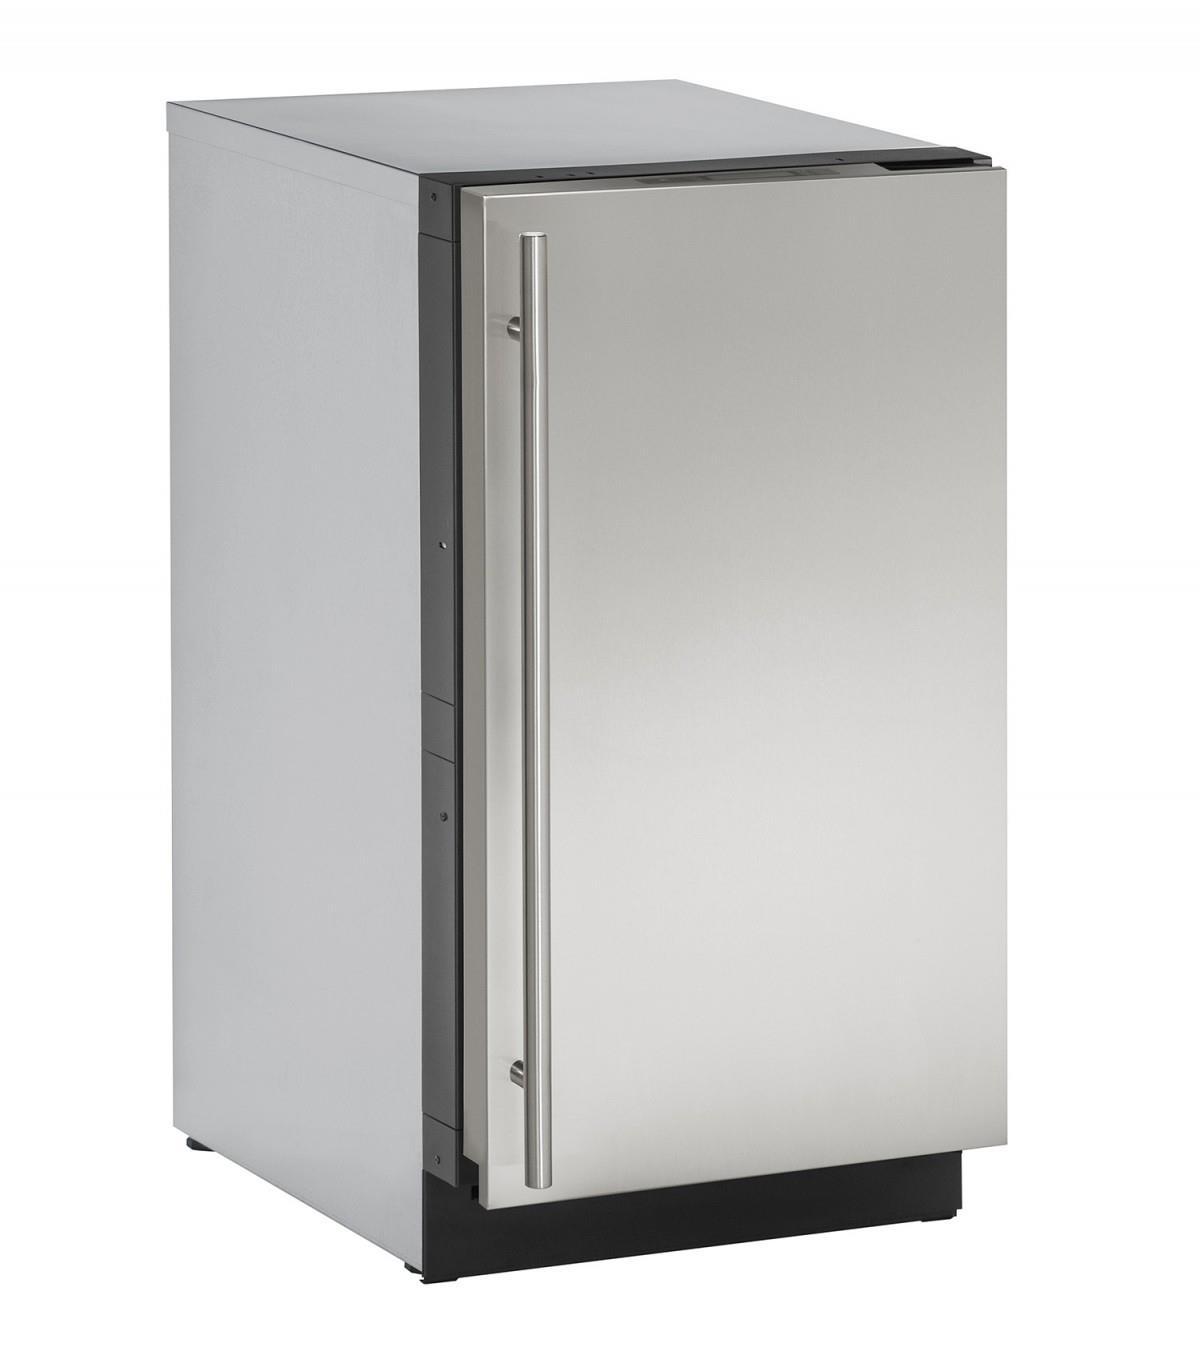 """U-Line Ice Maker 18"""" Built-in Clear Ice Machine - Item Number: U-3018CLRS-01A"""